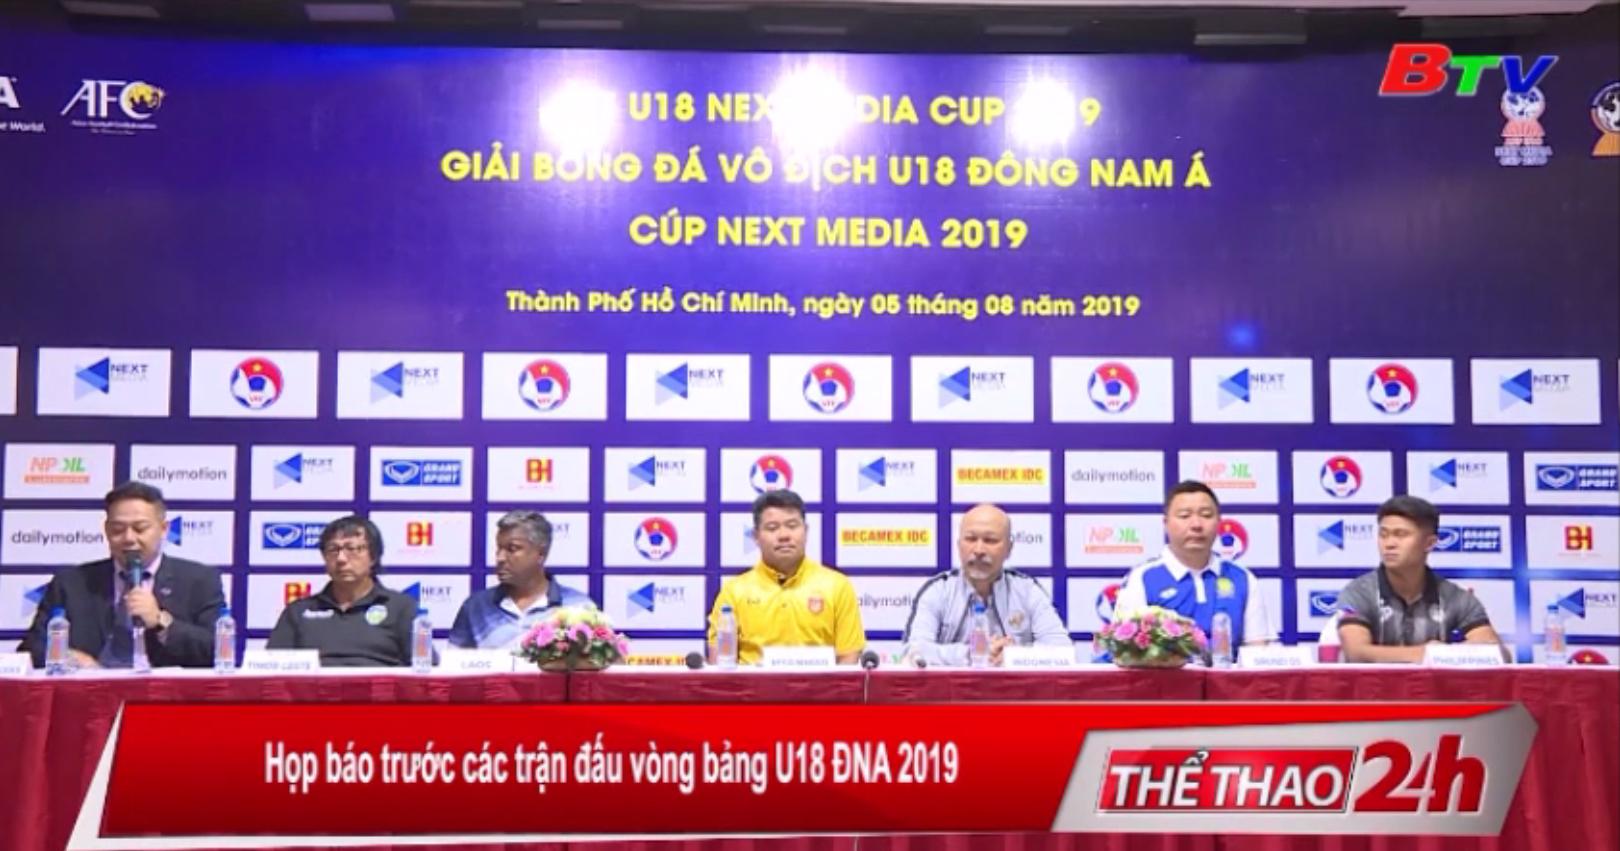 Họp báo trước các trận đấu vòng bảng U18 ĐNA 2019